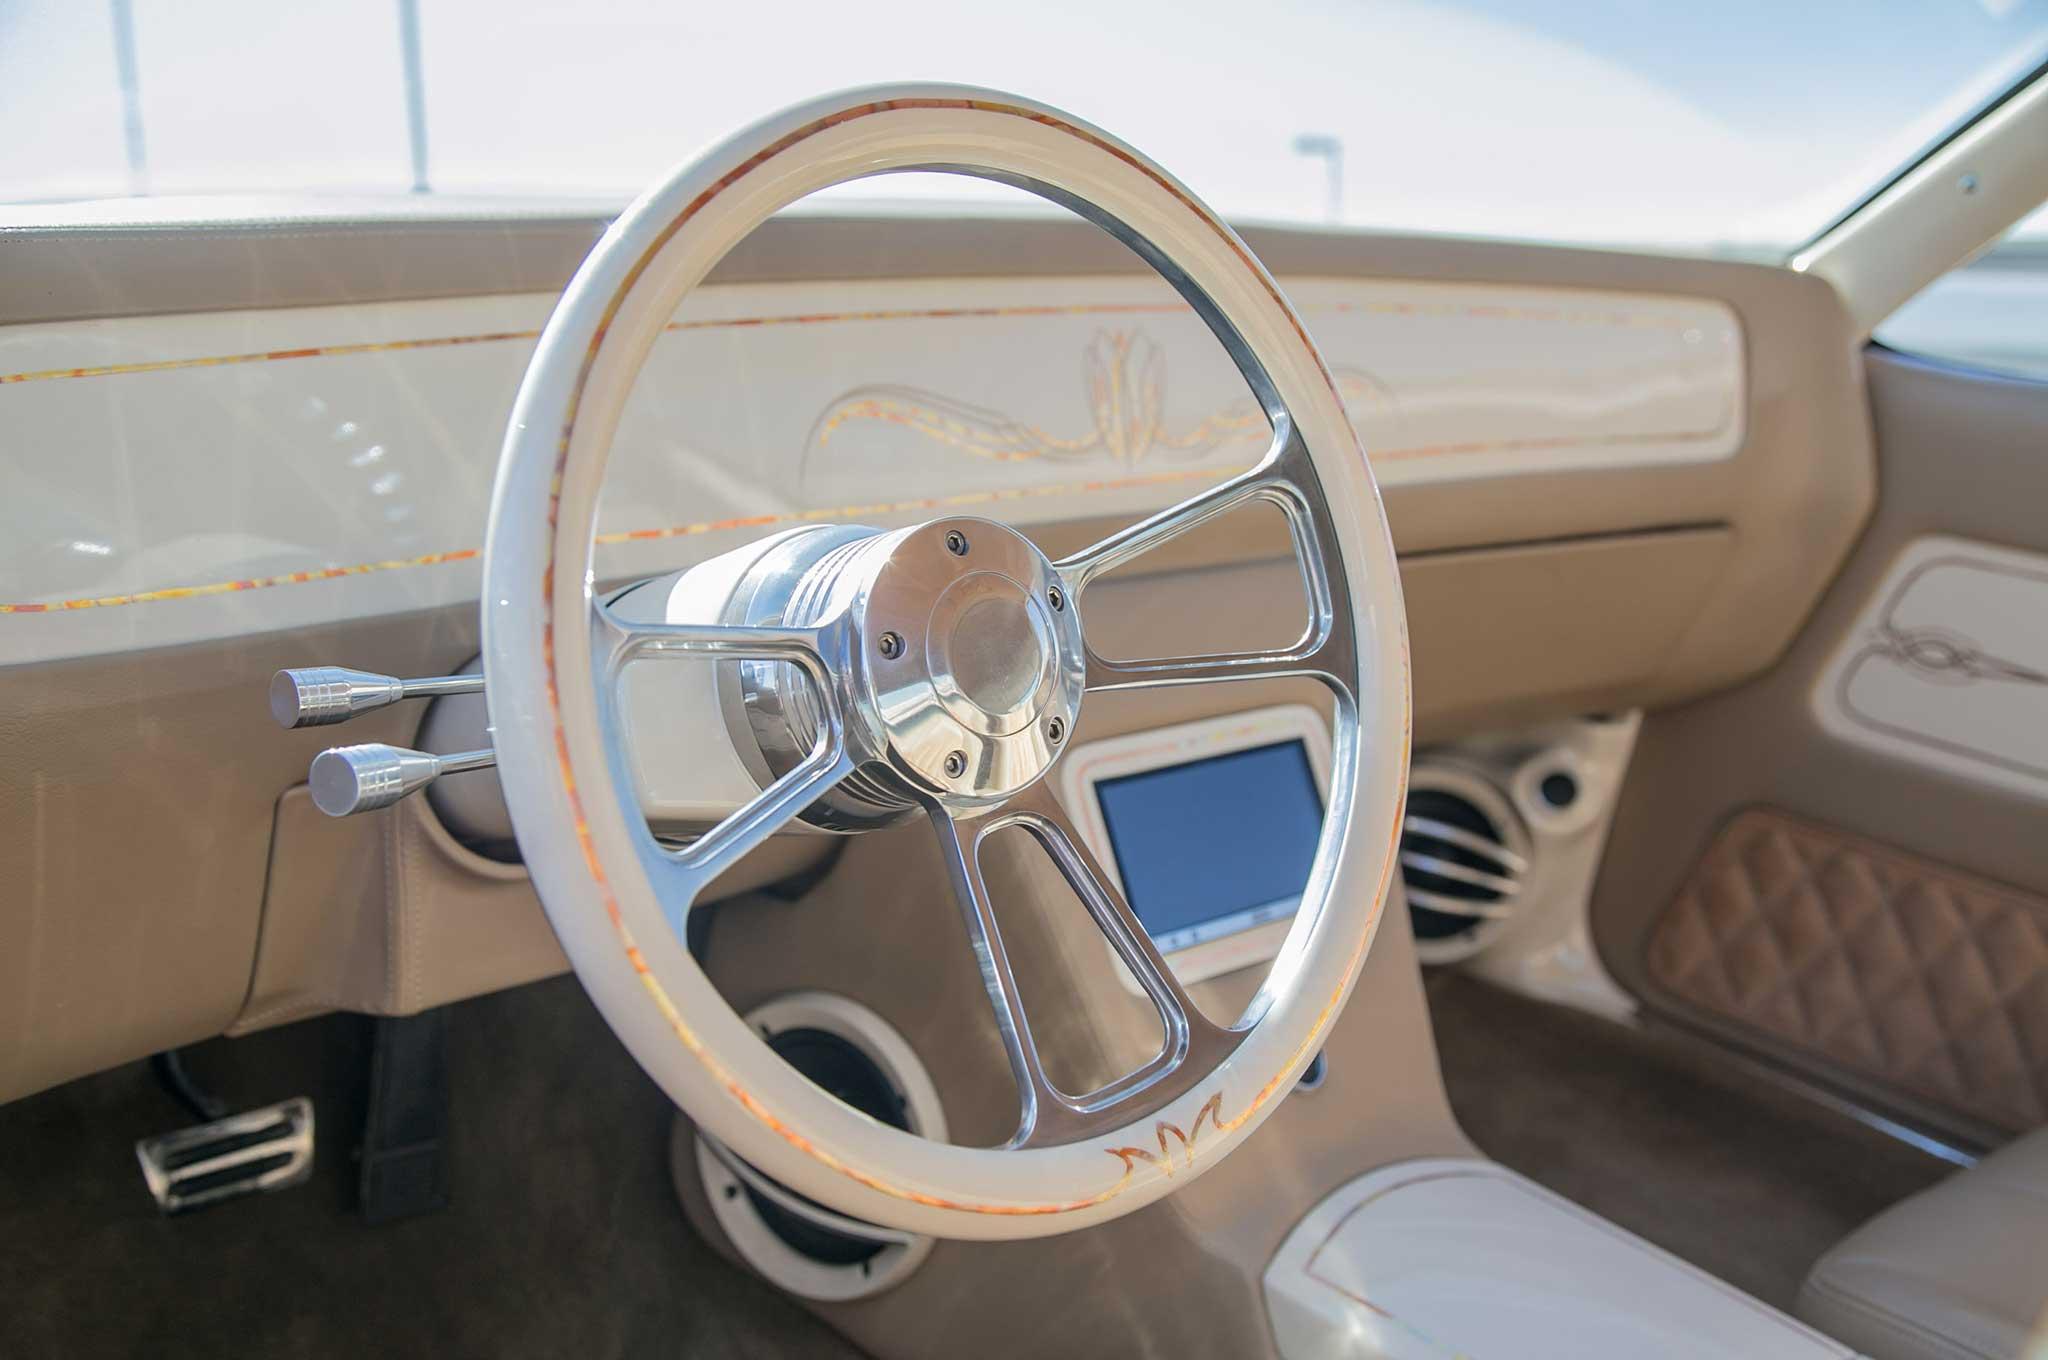 1985 oldsmobile cutlass supreme steering wheel 024 - Lowrider